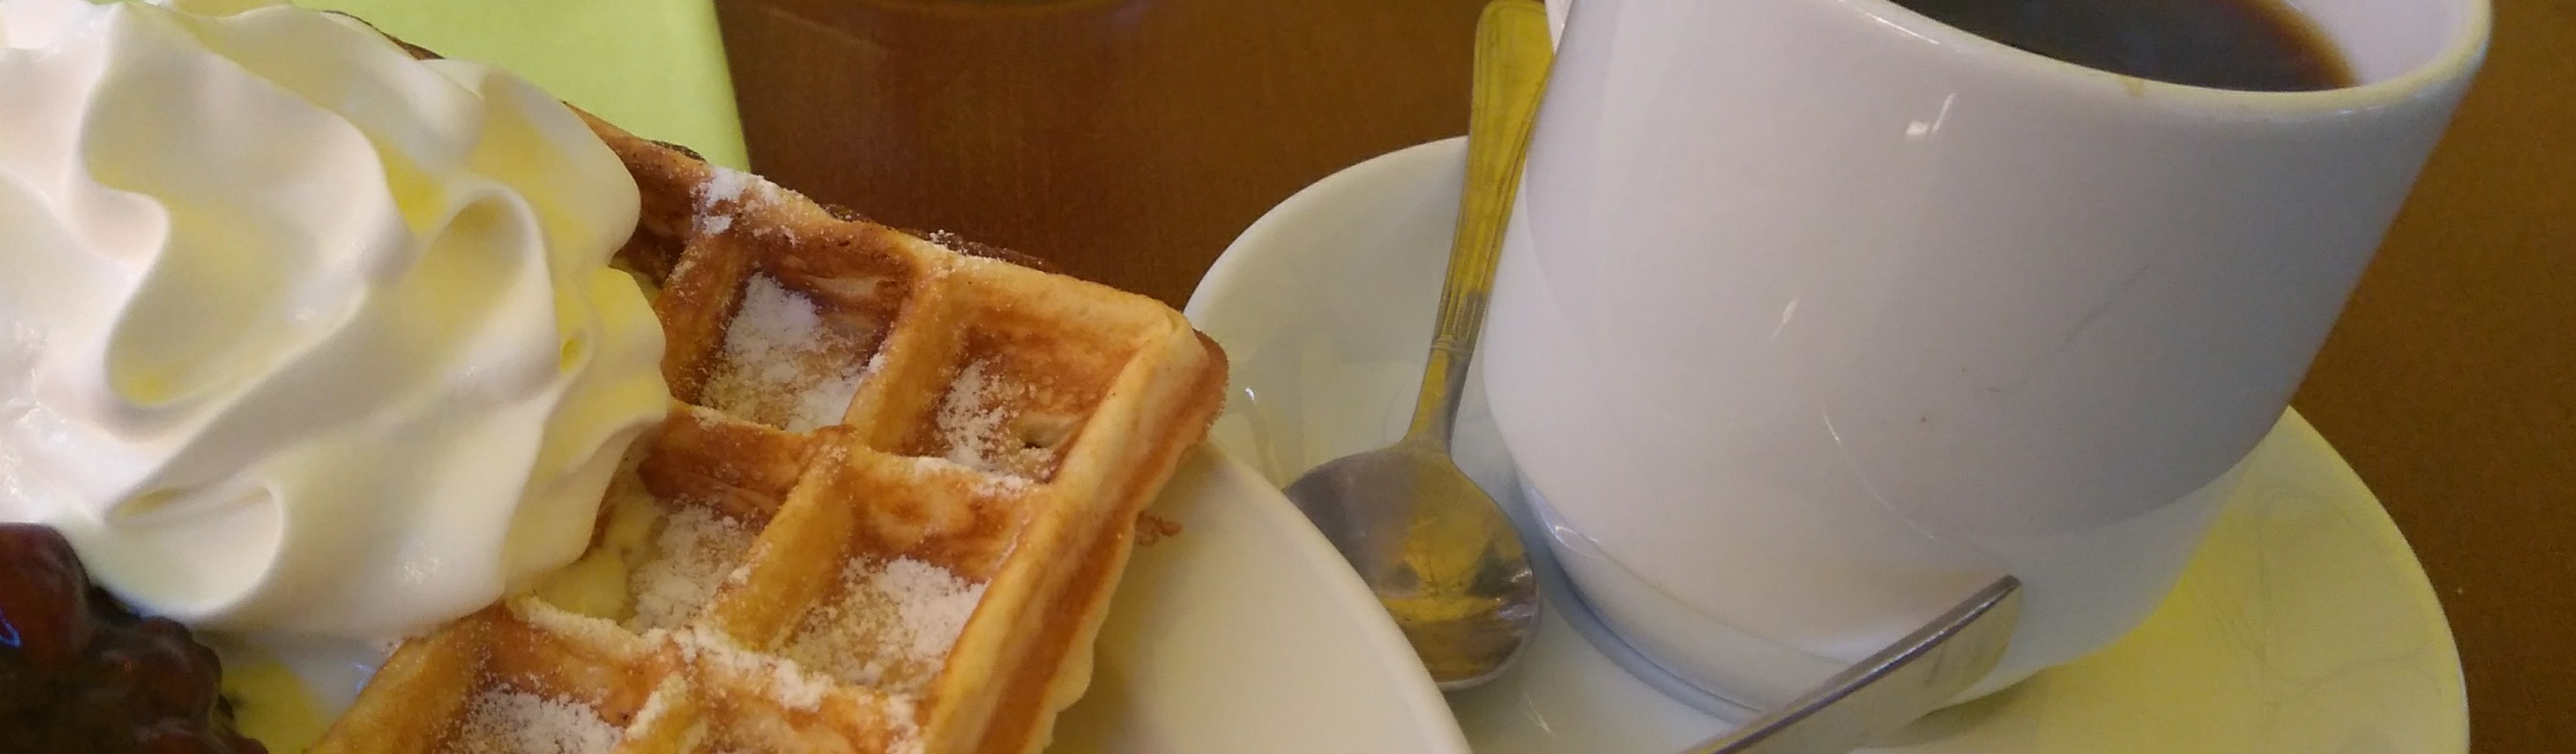 Marktfrühstück aus Kaffee und Waffel mit Sahne und heißen Kirschen